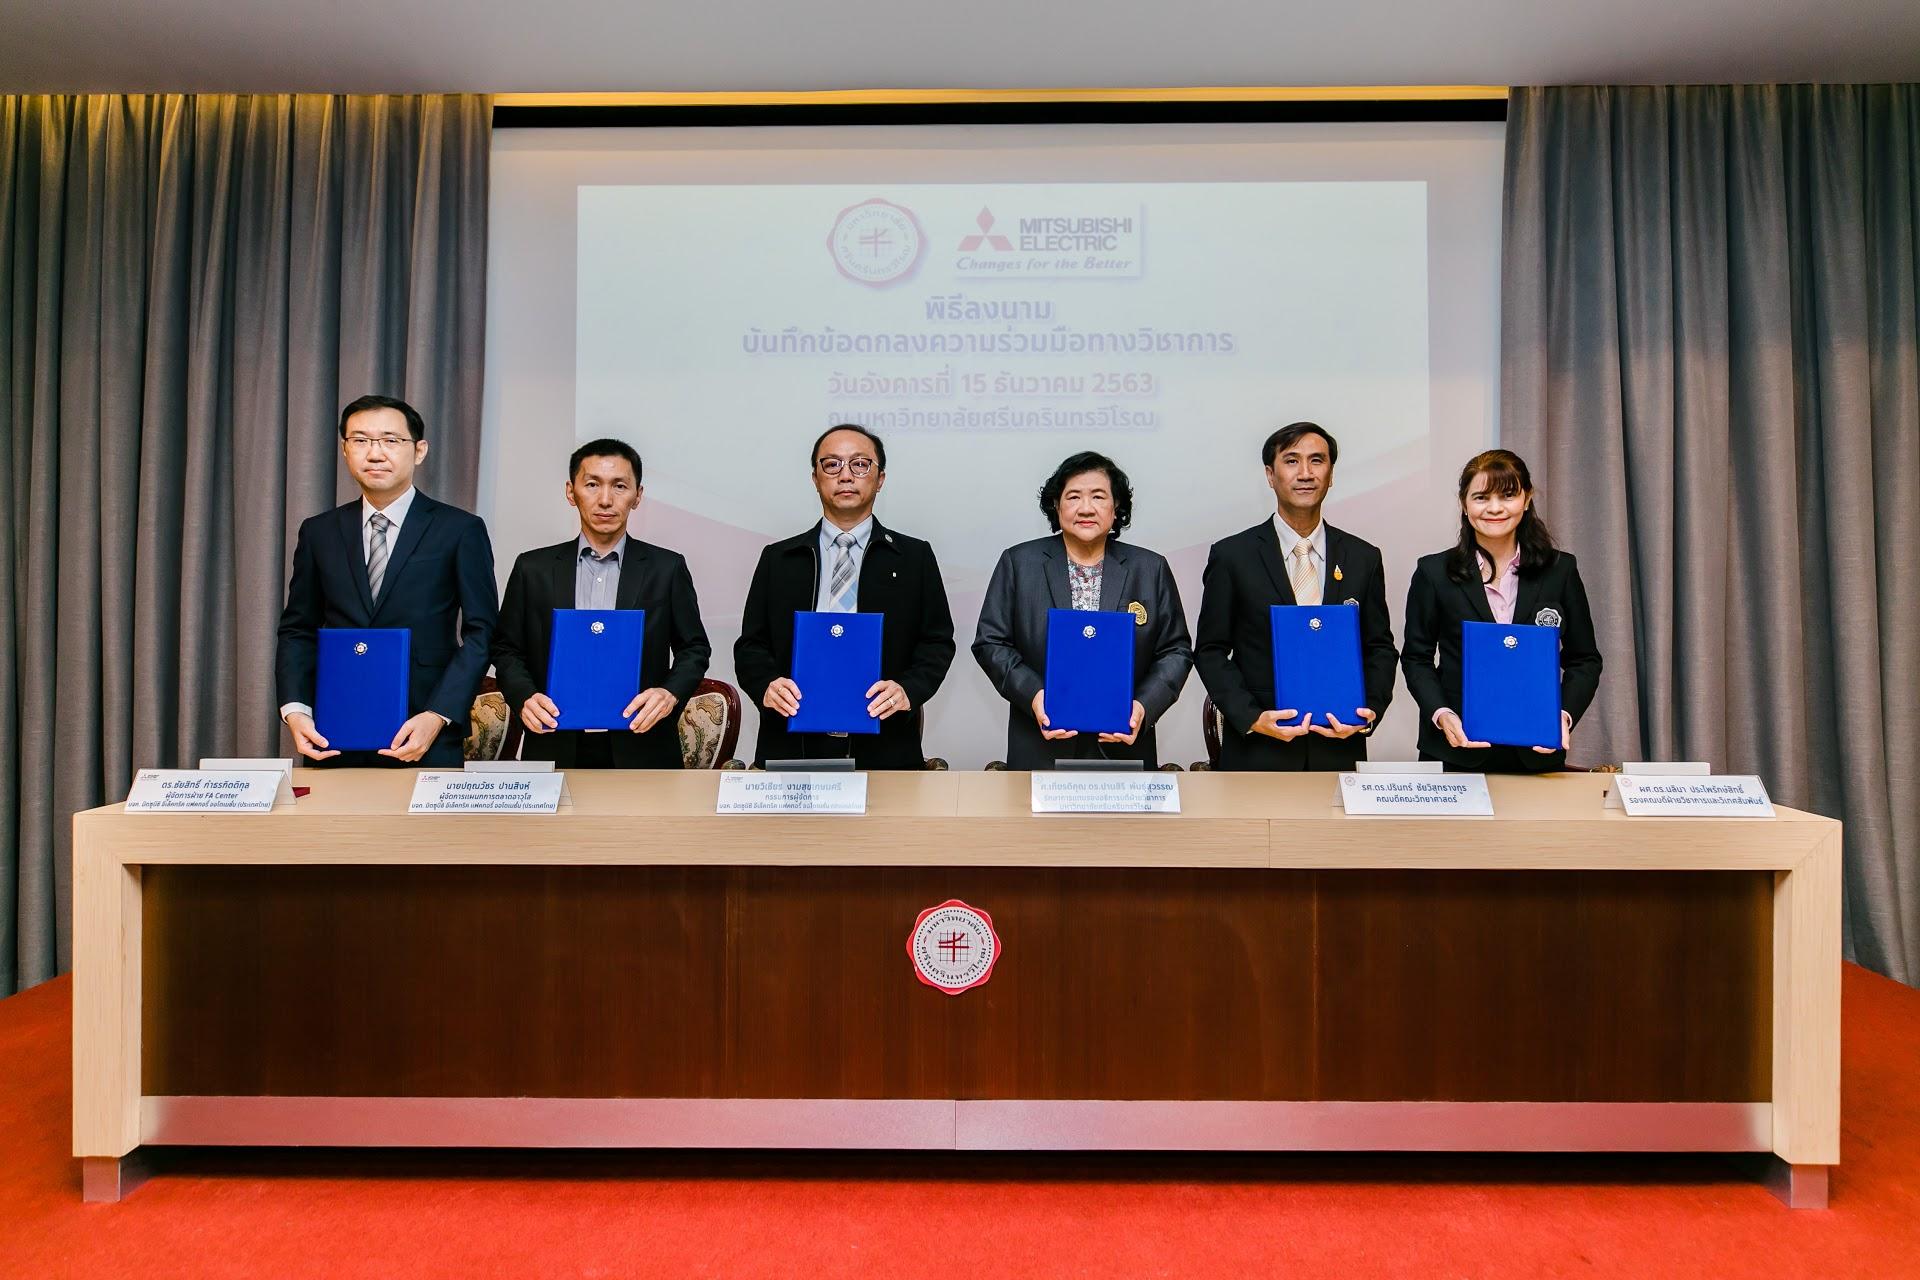 พิธีลงนามบันทึกความร่วมมือทางวิชาการ โครงการพัฒนาการศึกษาและบุคลากรด้านวิทยาการข้อมูล